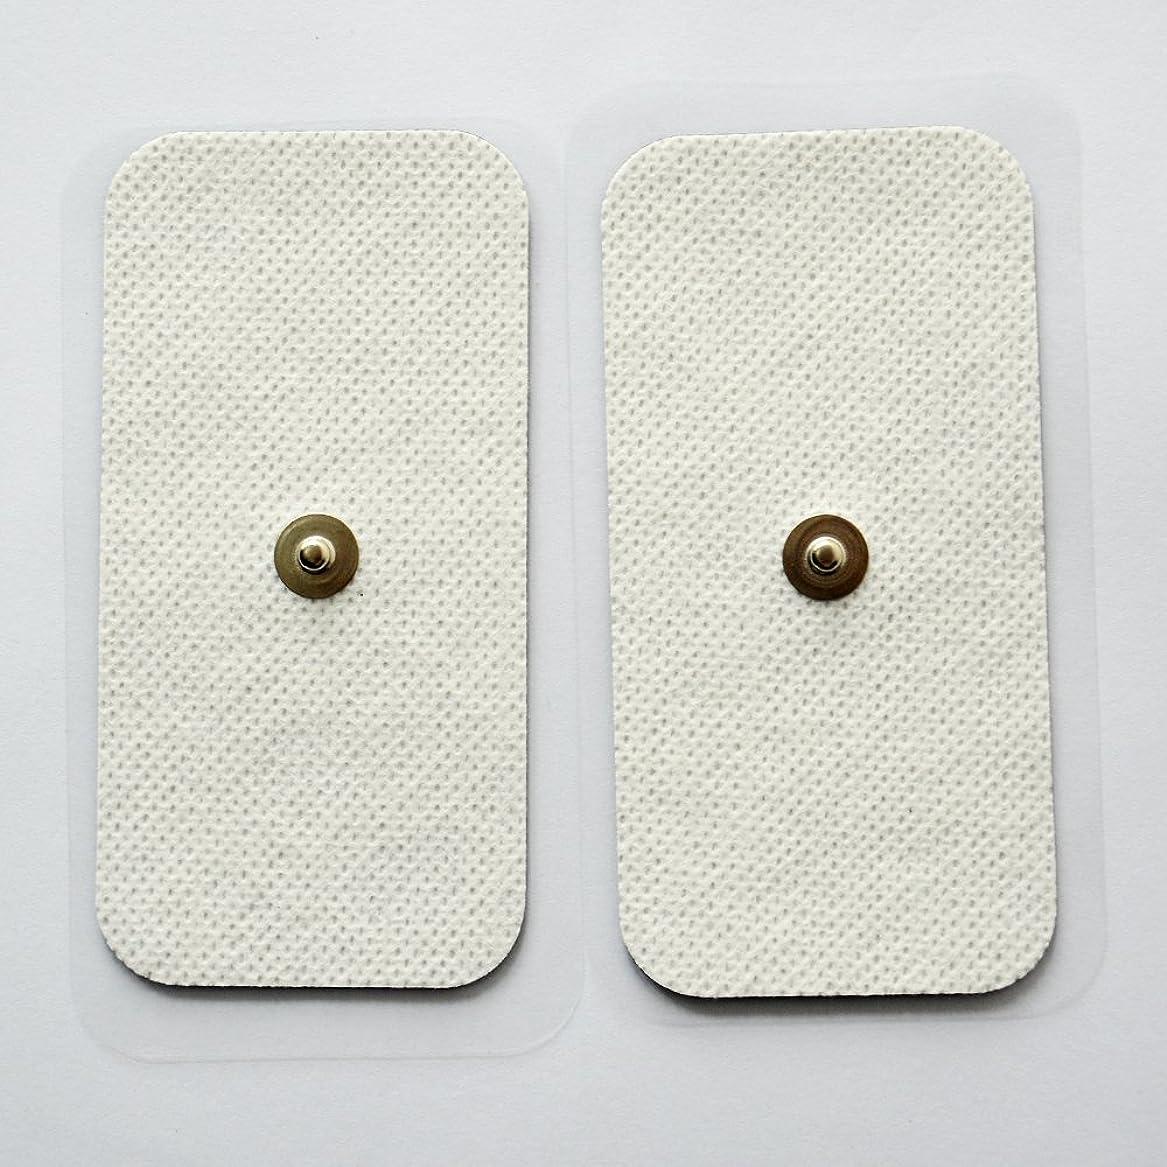 豆腐変化する黄ばむKonmed 粘着パッド 低周波用 電極パッド 20ペア/40枚入り, 角形5cm*10cm